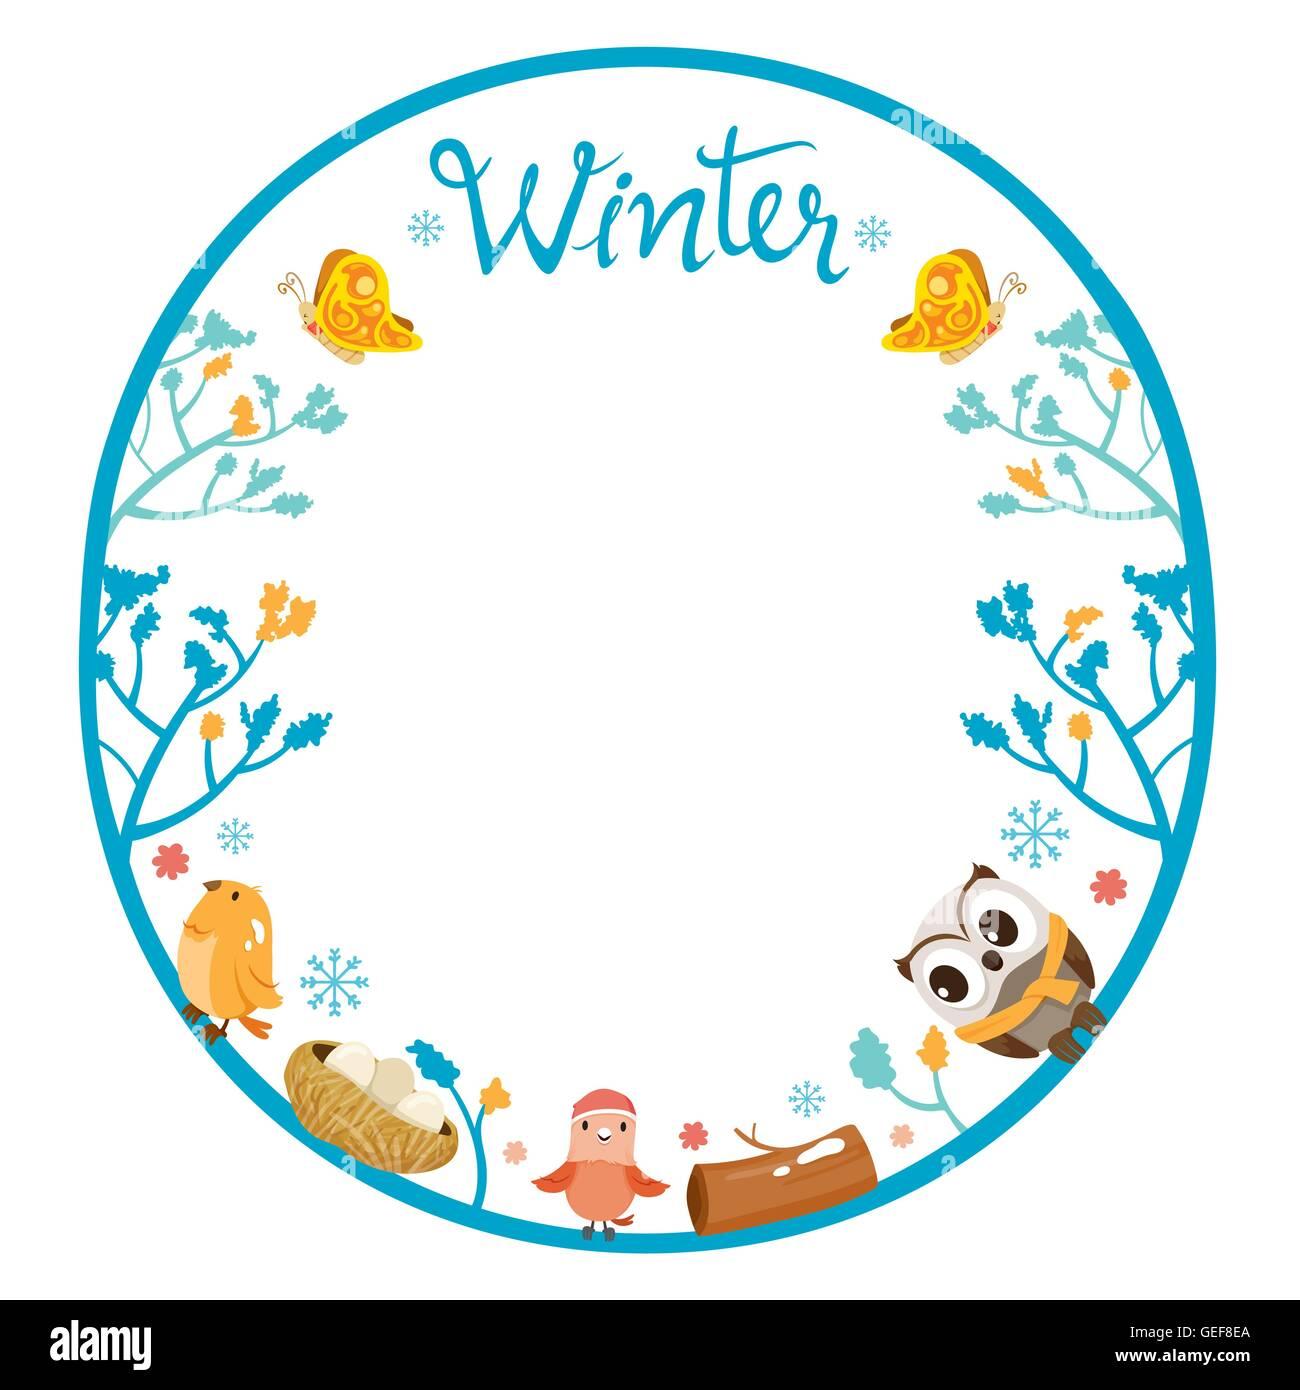 Winter Baum mit Tier auf Kreis Rahmen, Aktivität, Travel, Saison ...